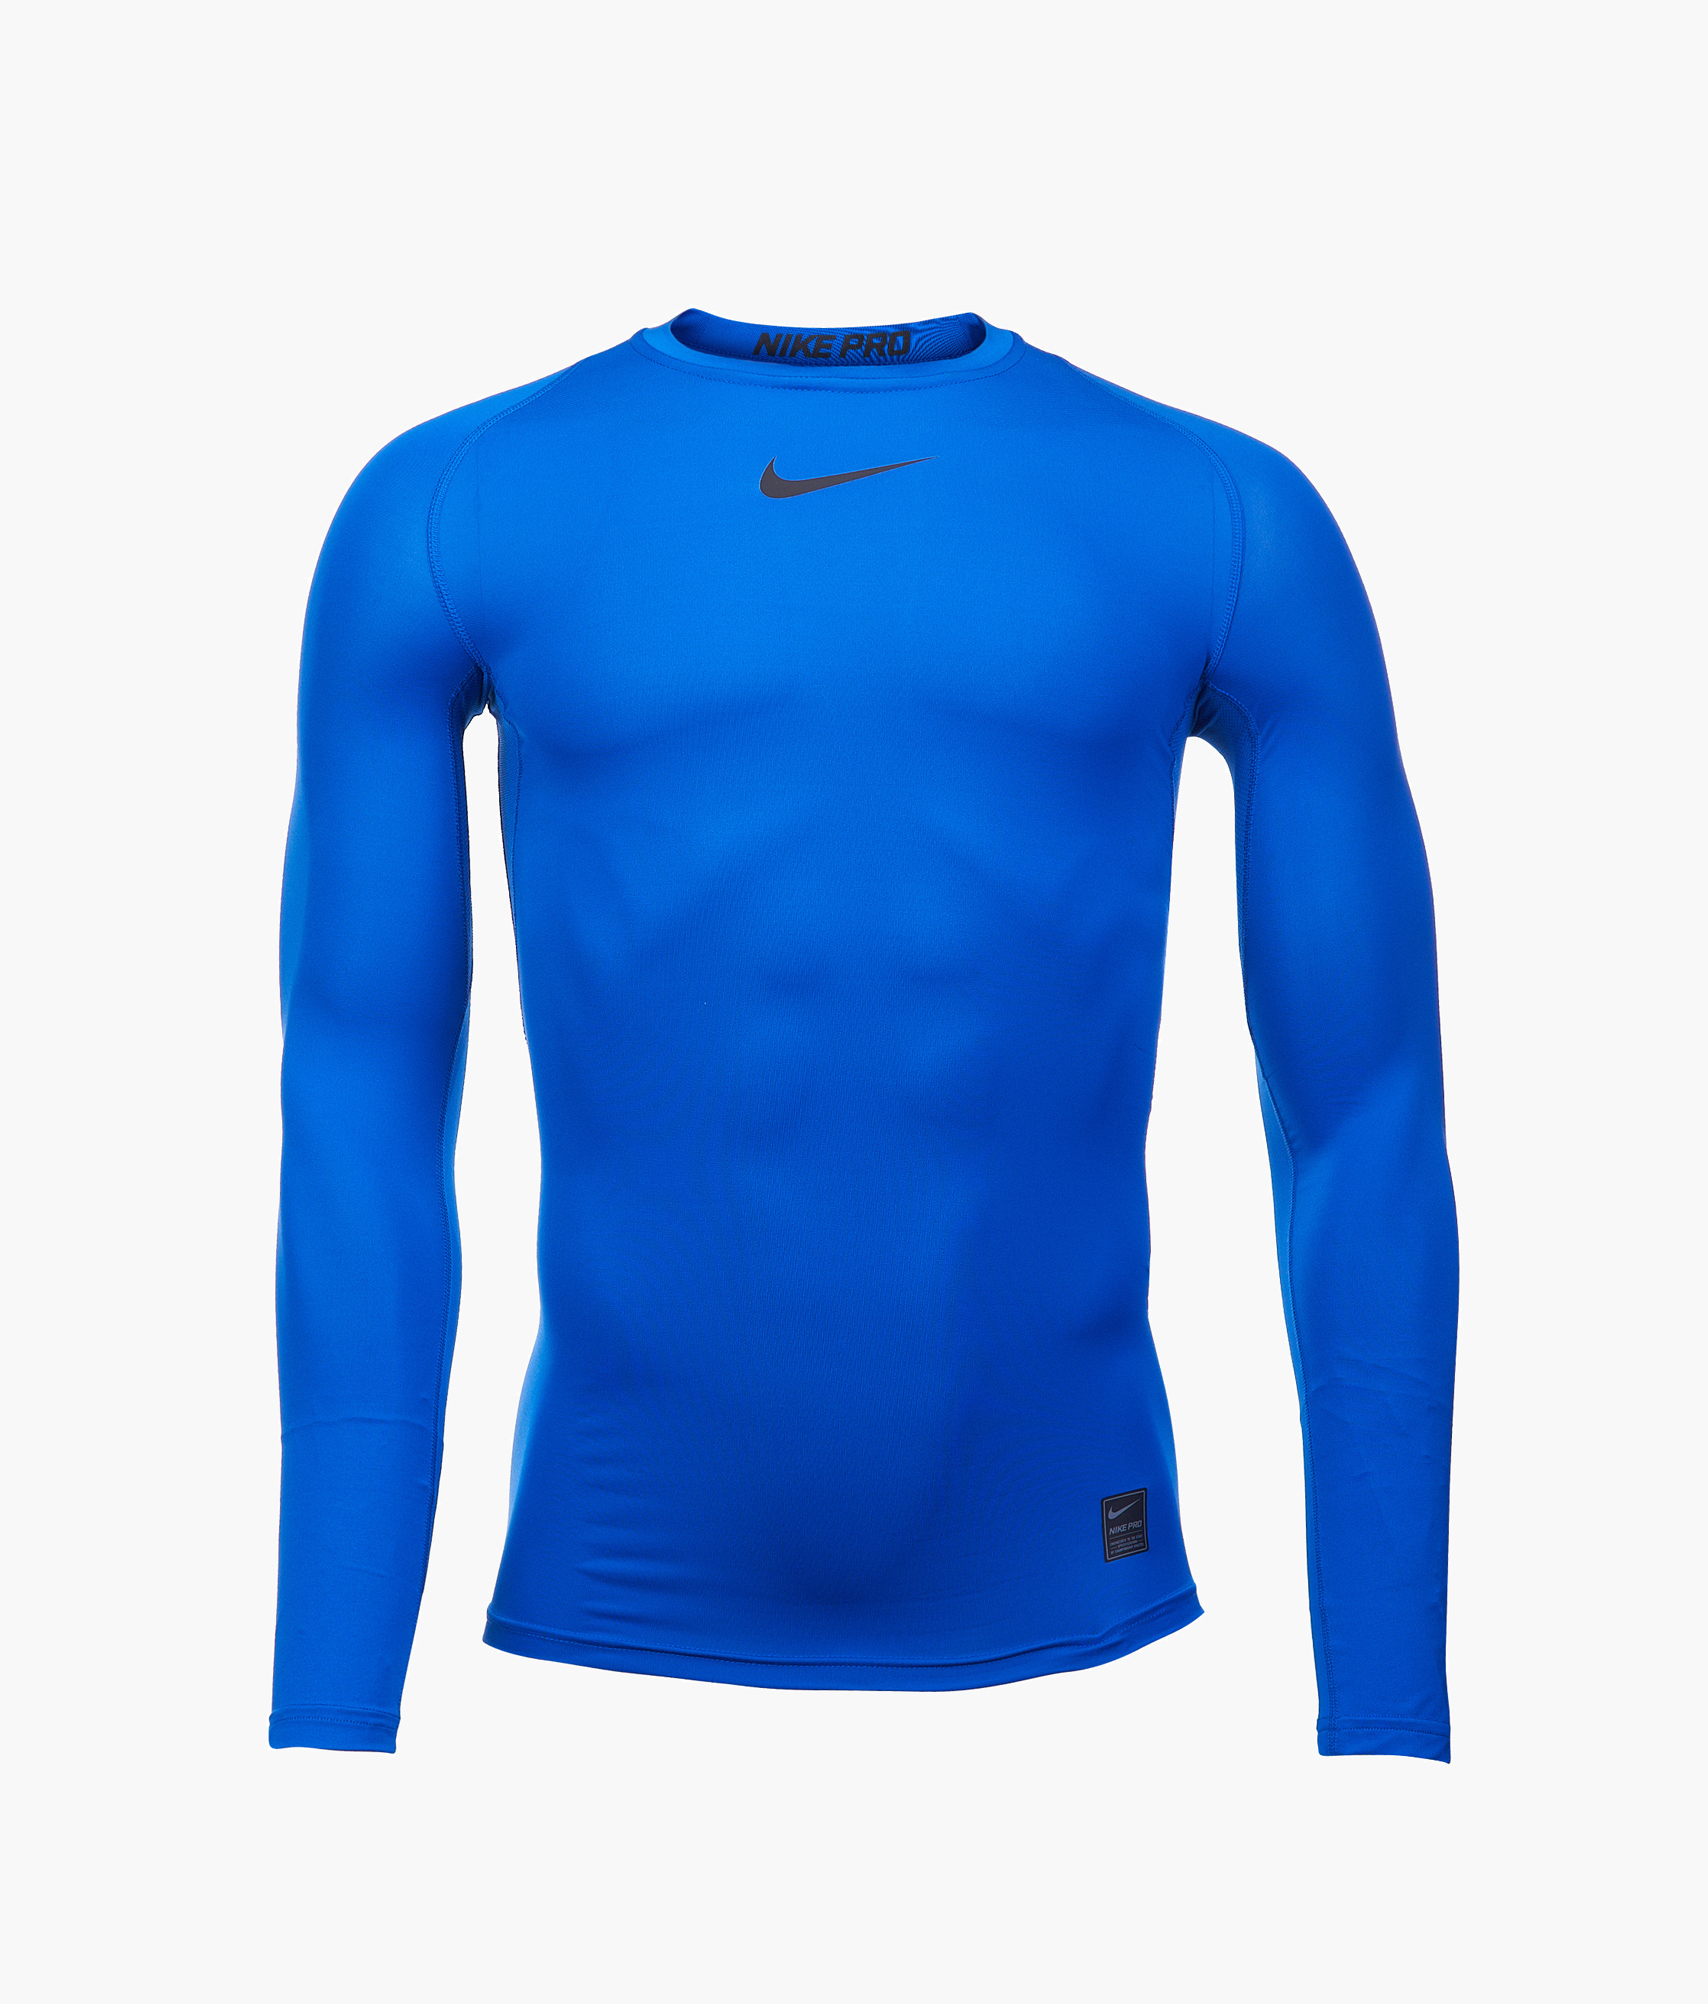 Бельё футболка Nike Зенит Цвет-Синий